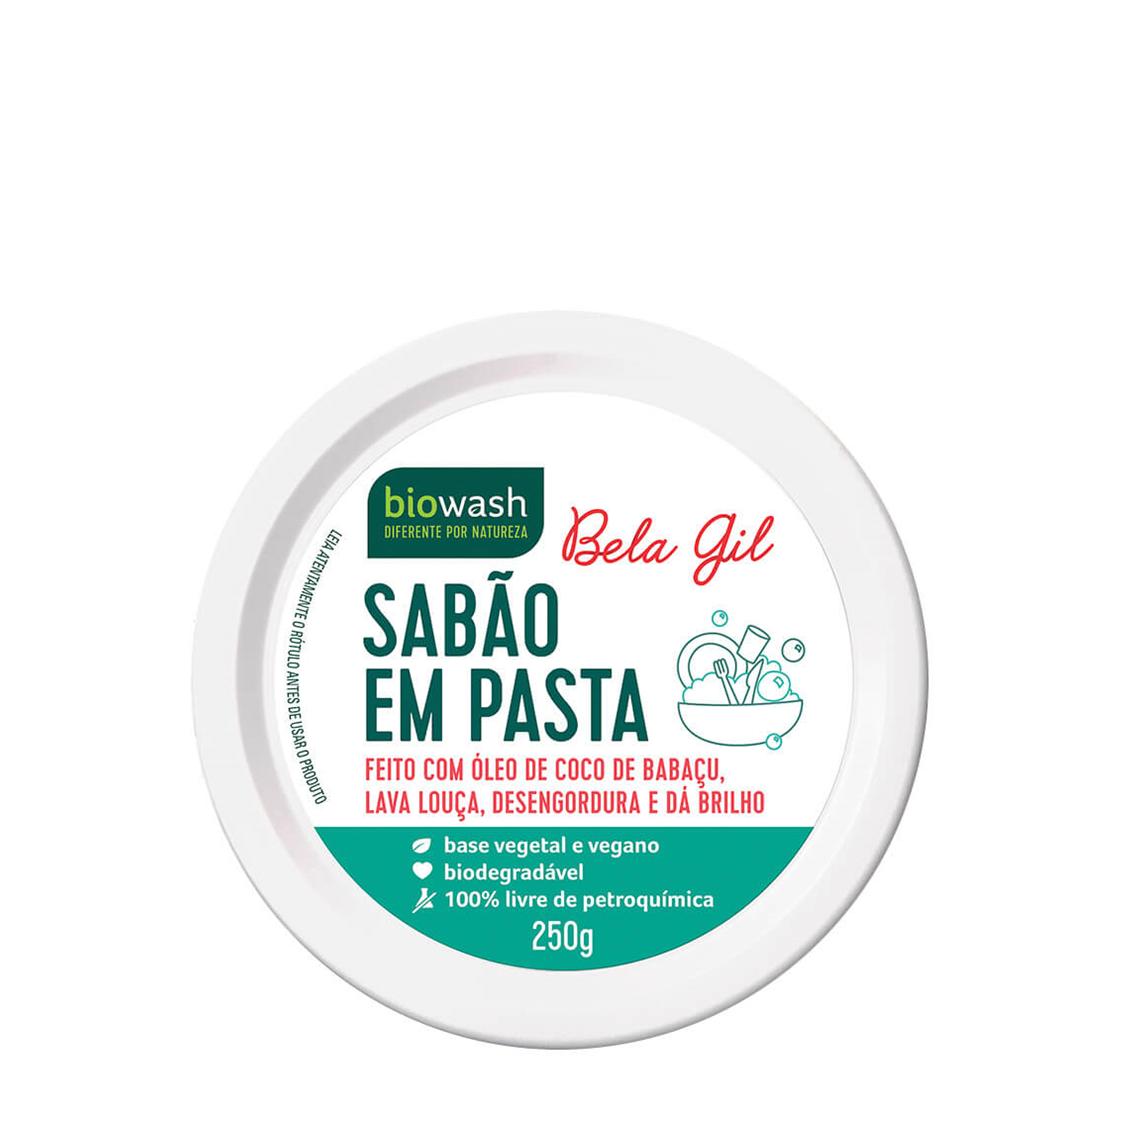 Sabão em Pasta (250g) – Biowash